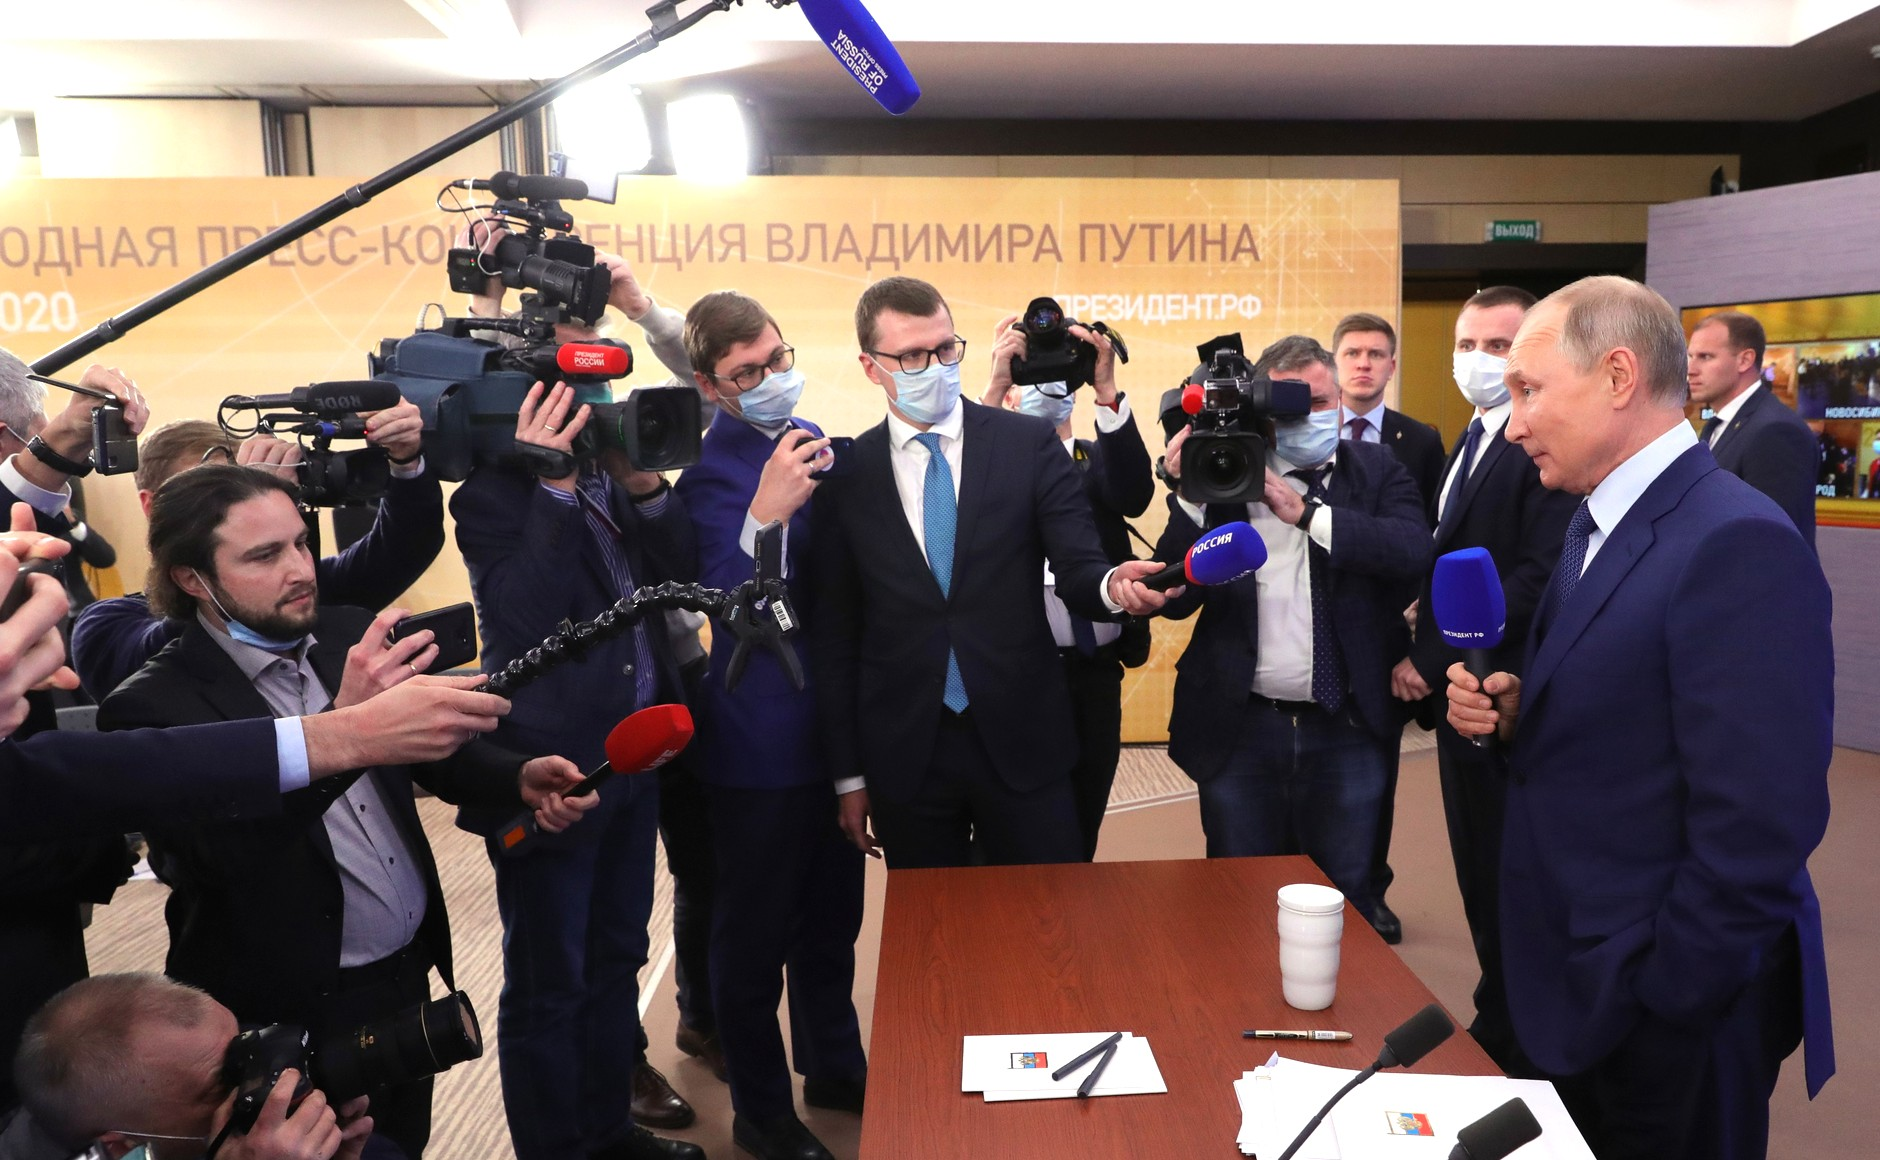 RUSSIE 17.12.2020.CONFERENCE 62 XX 66 Avant le début de la conférence de presse annuelle de Vladimir Poutine.